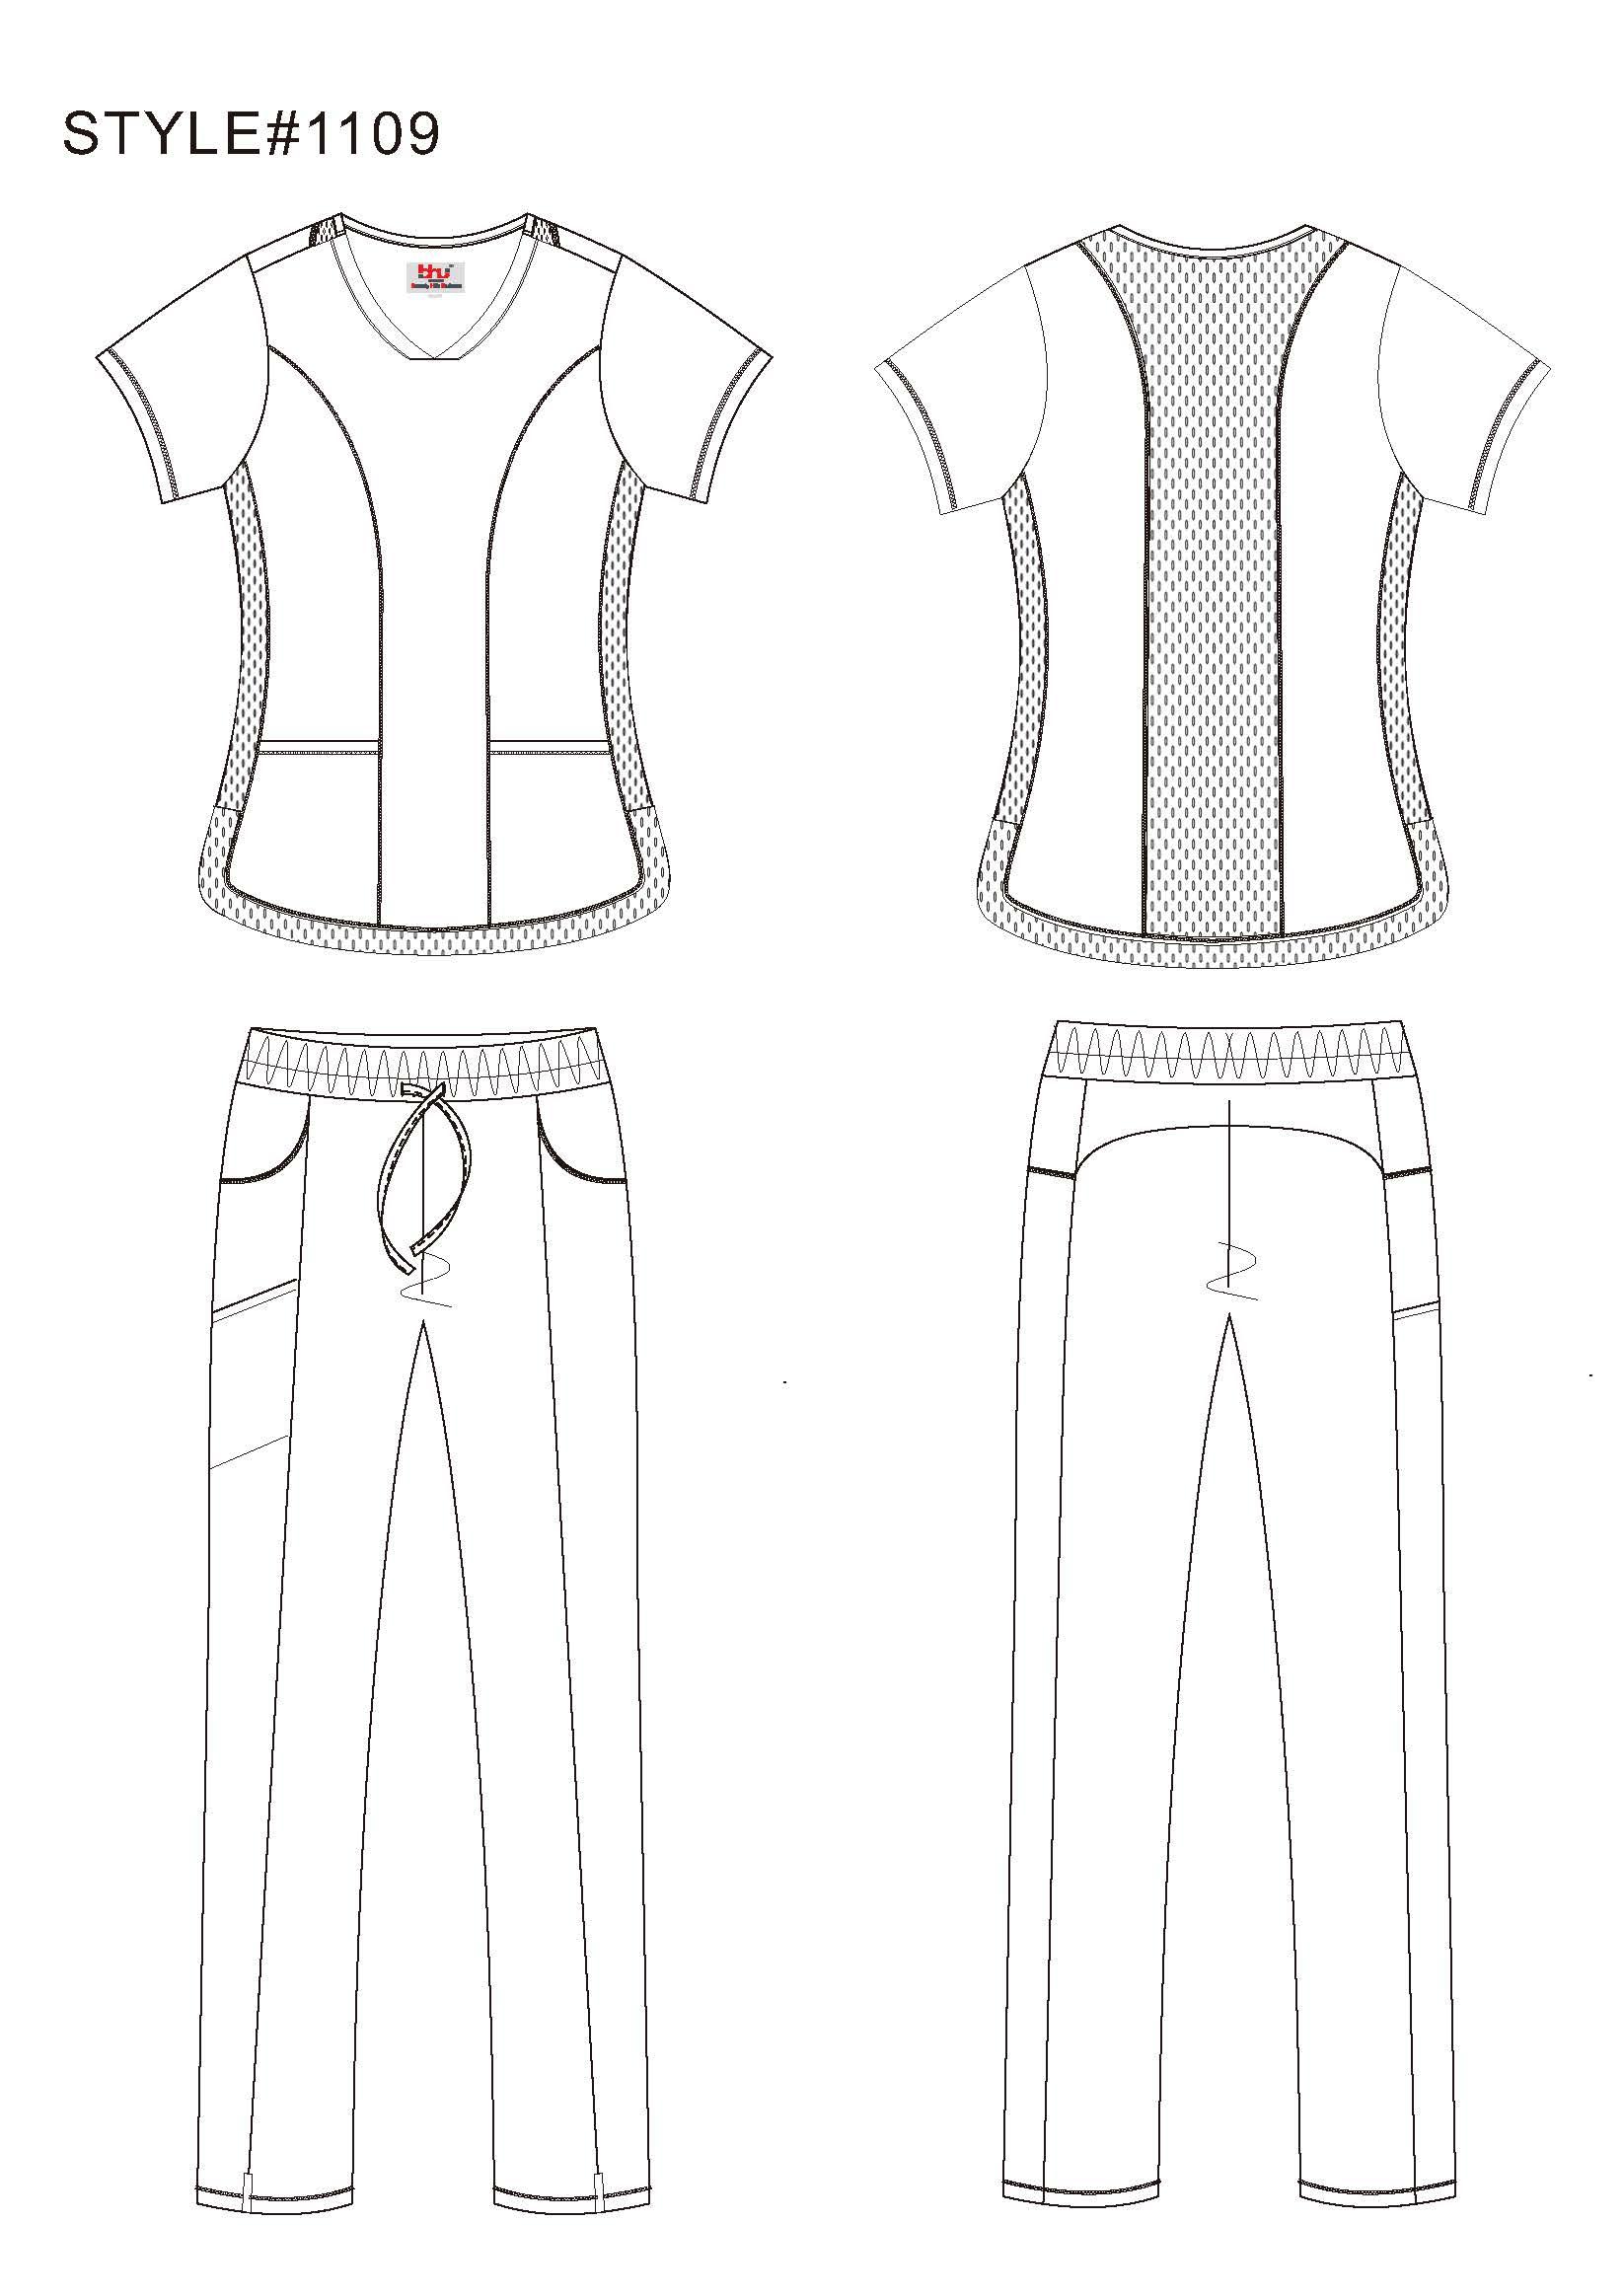 1109 sketch